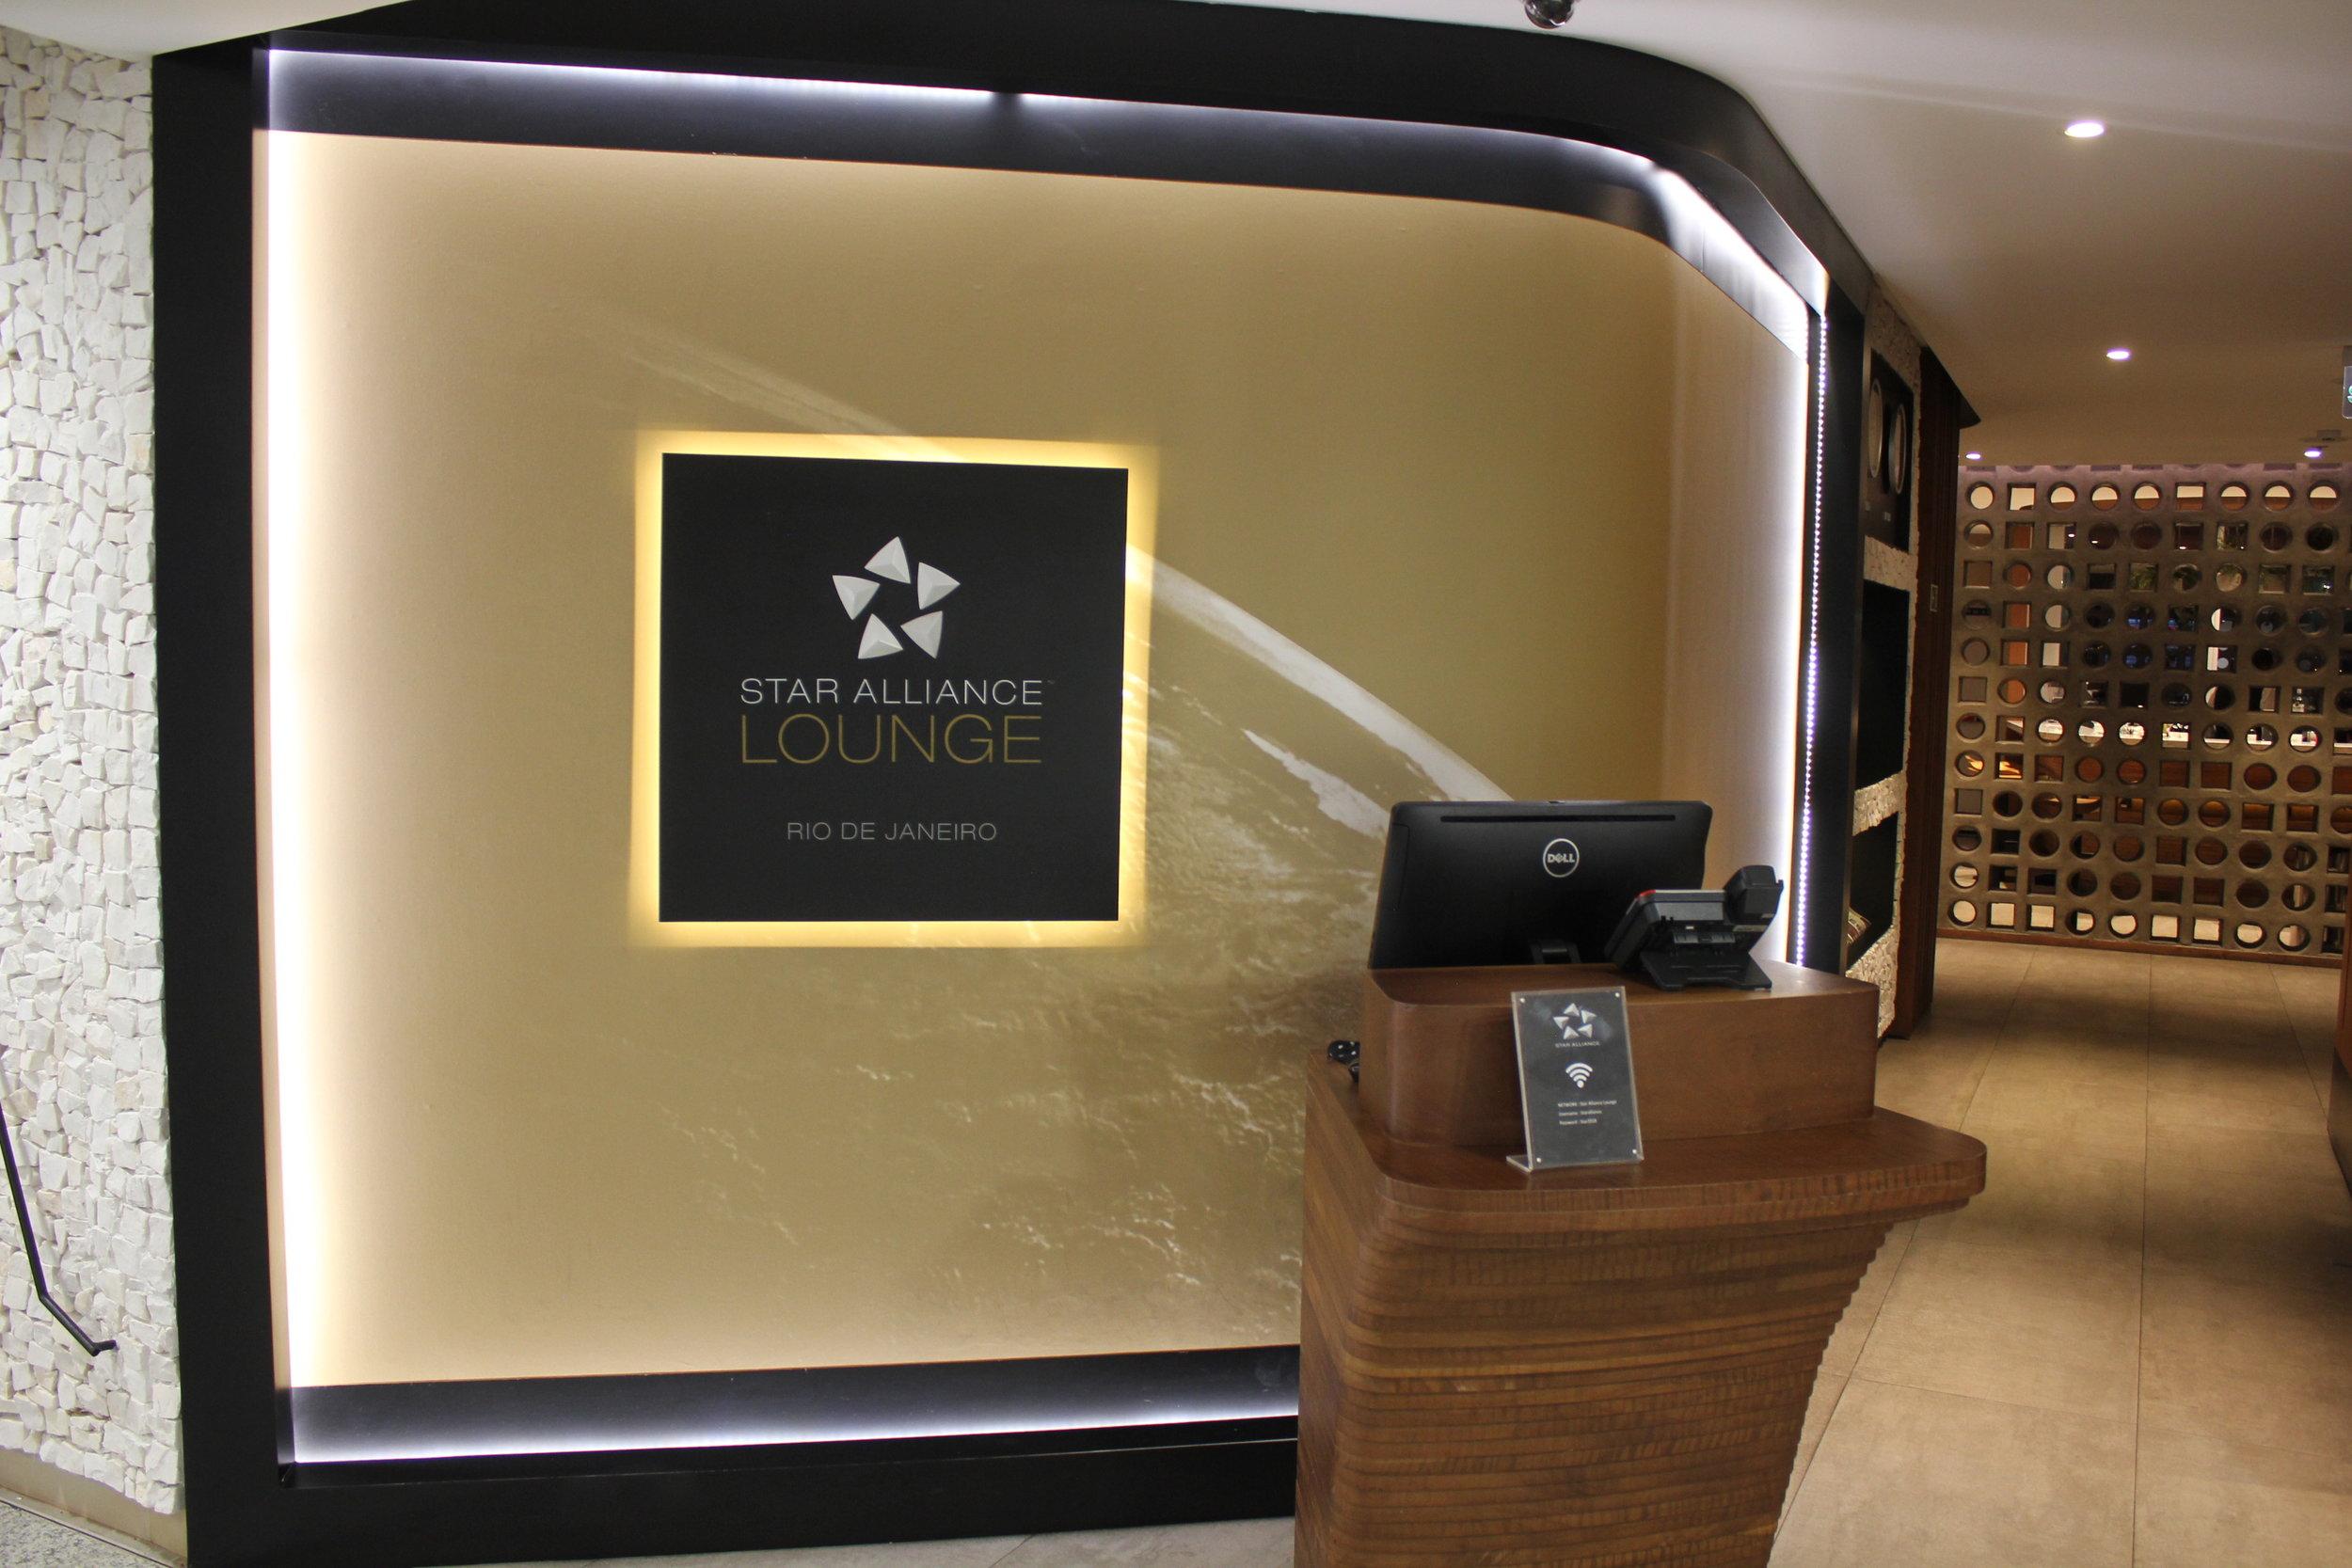 Star Alliance Lounge Rio de Janeiro – Entrance